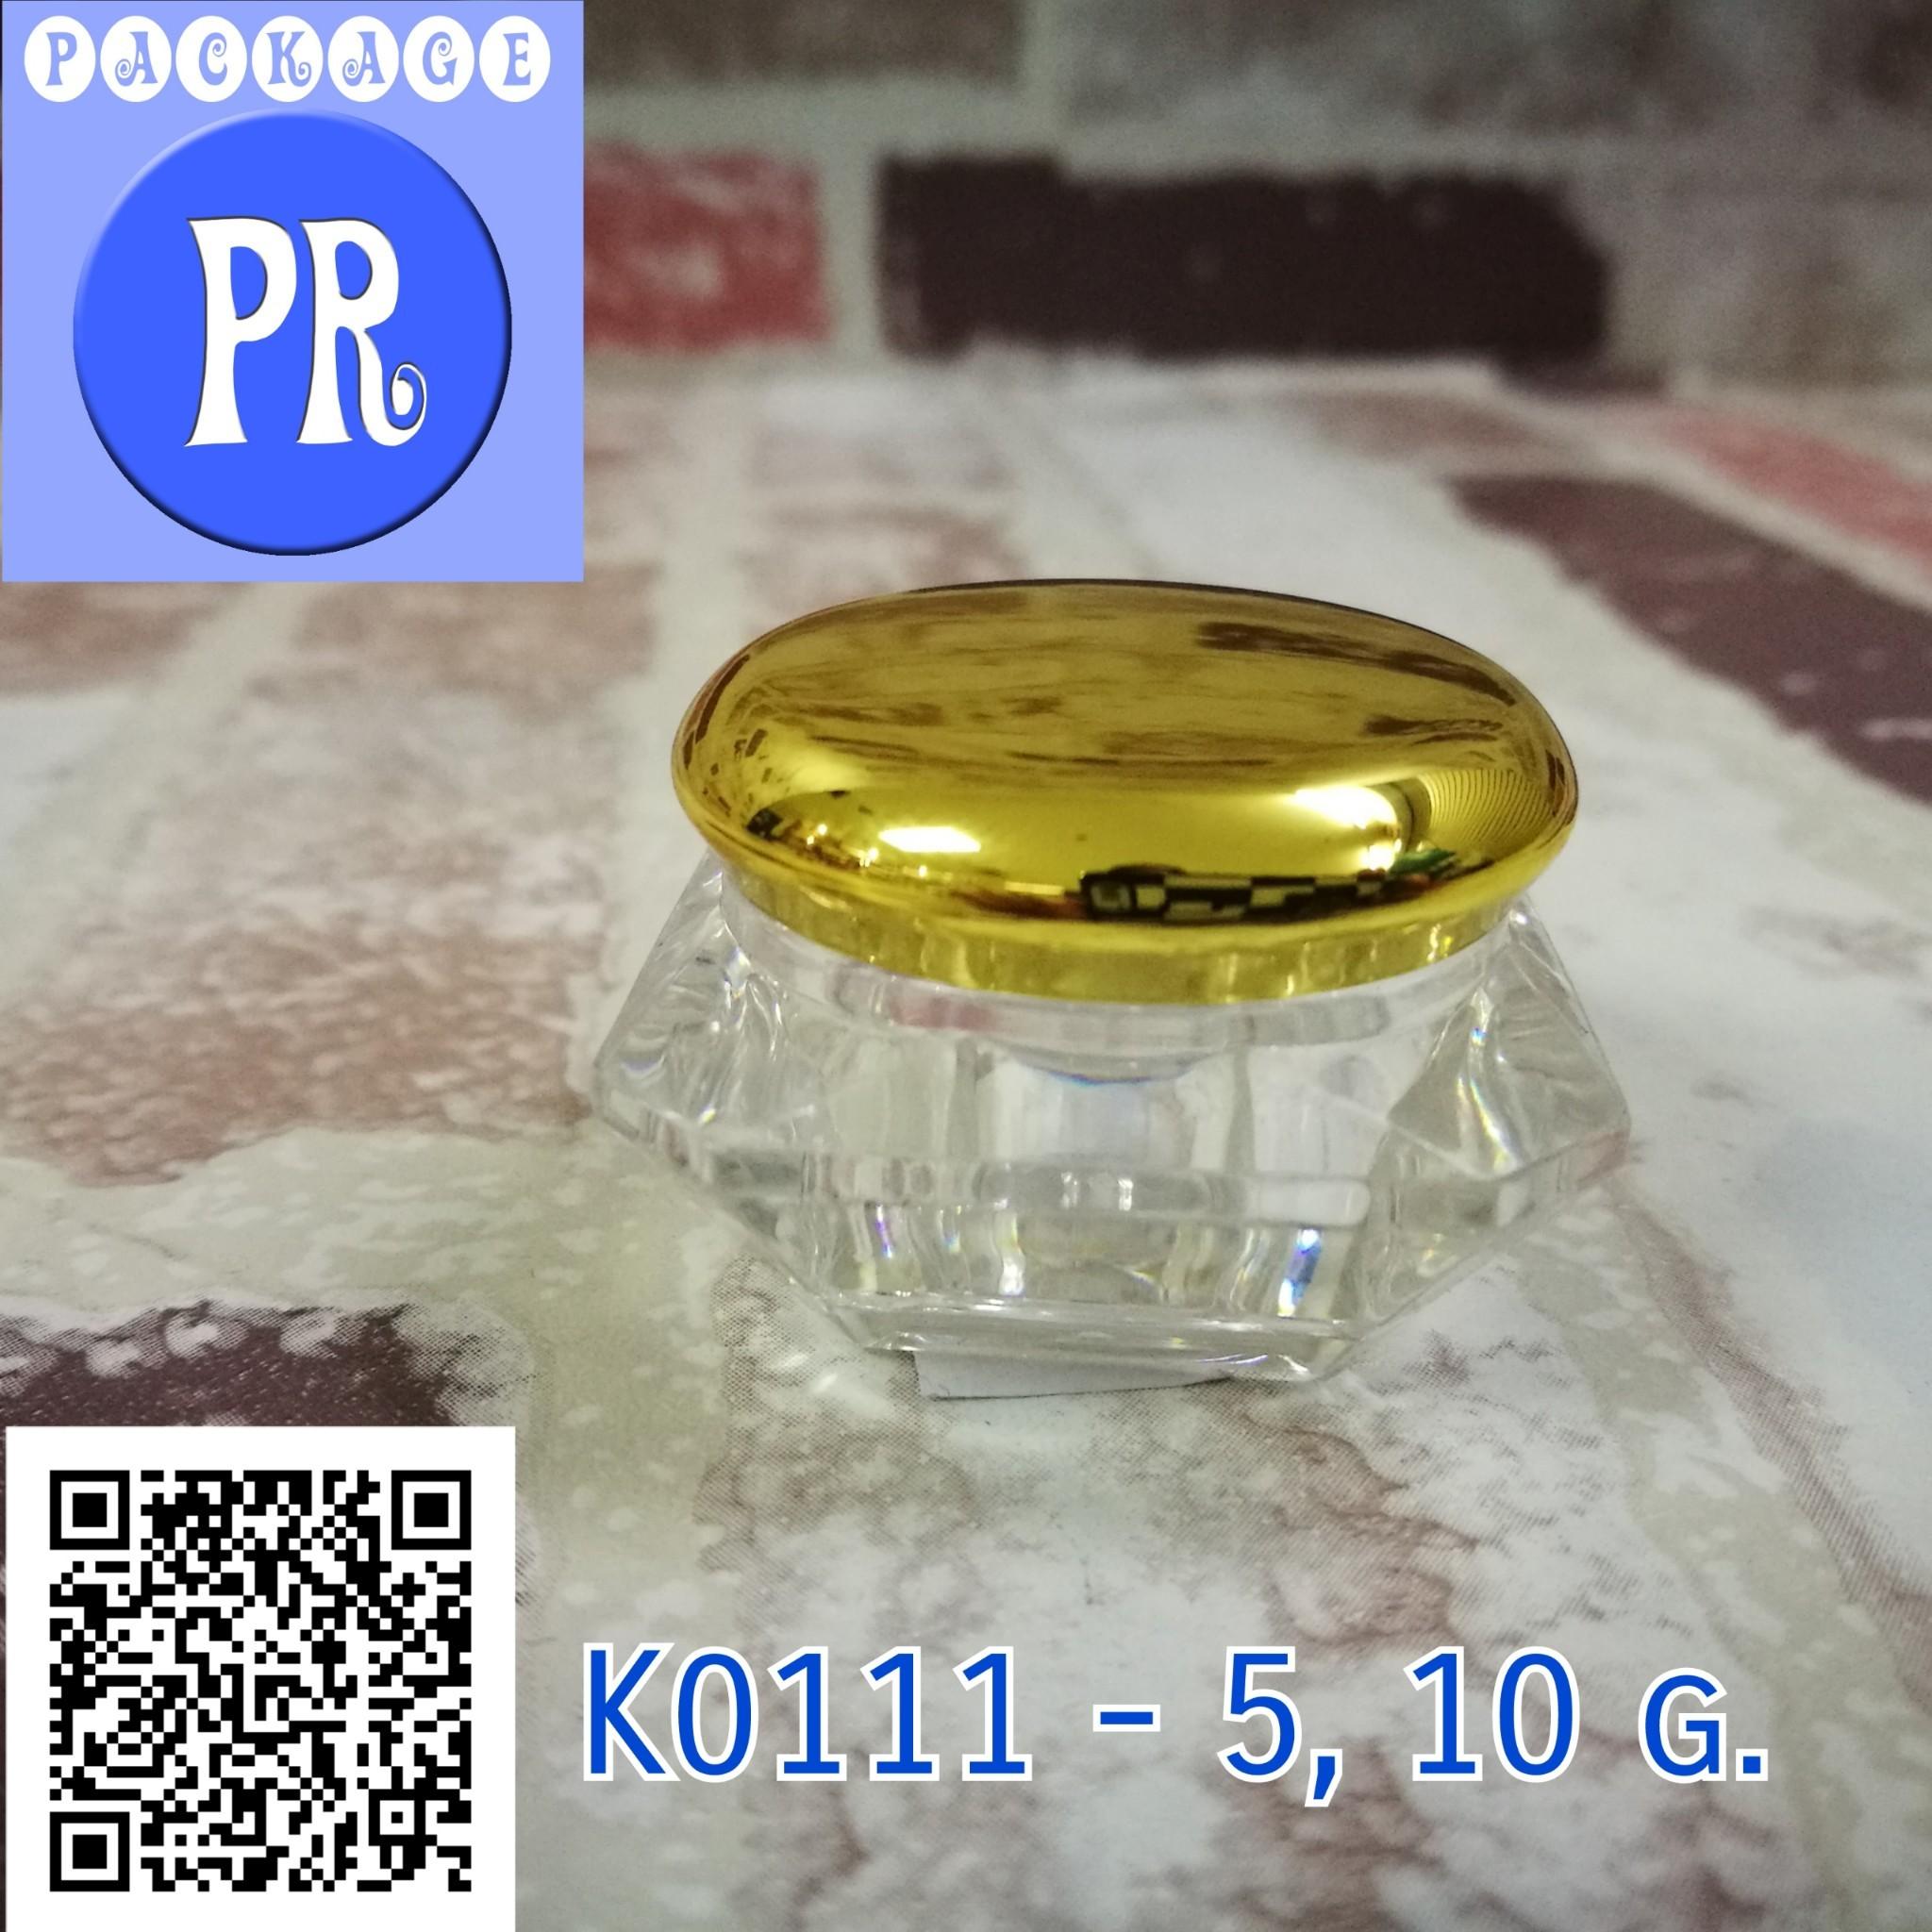 K0111 - 5 g